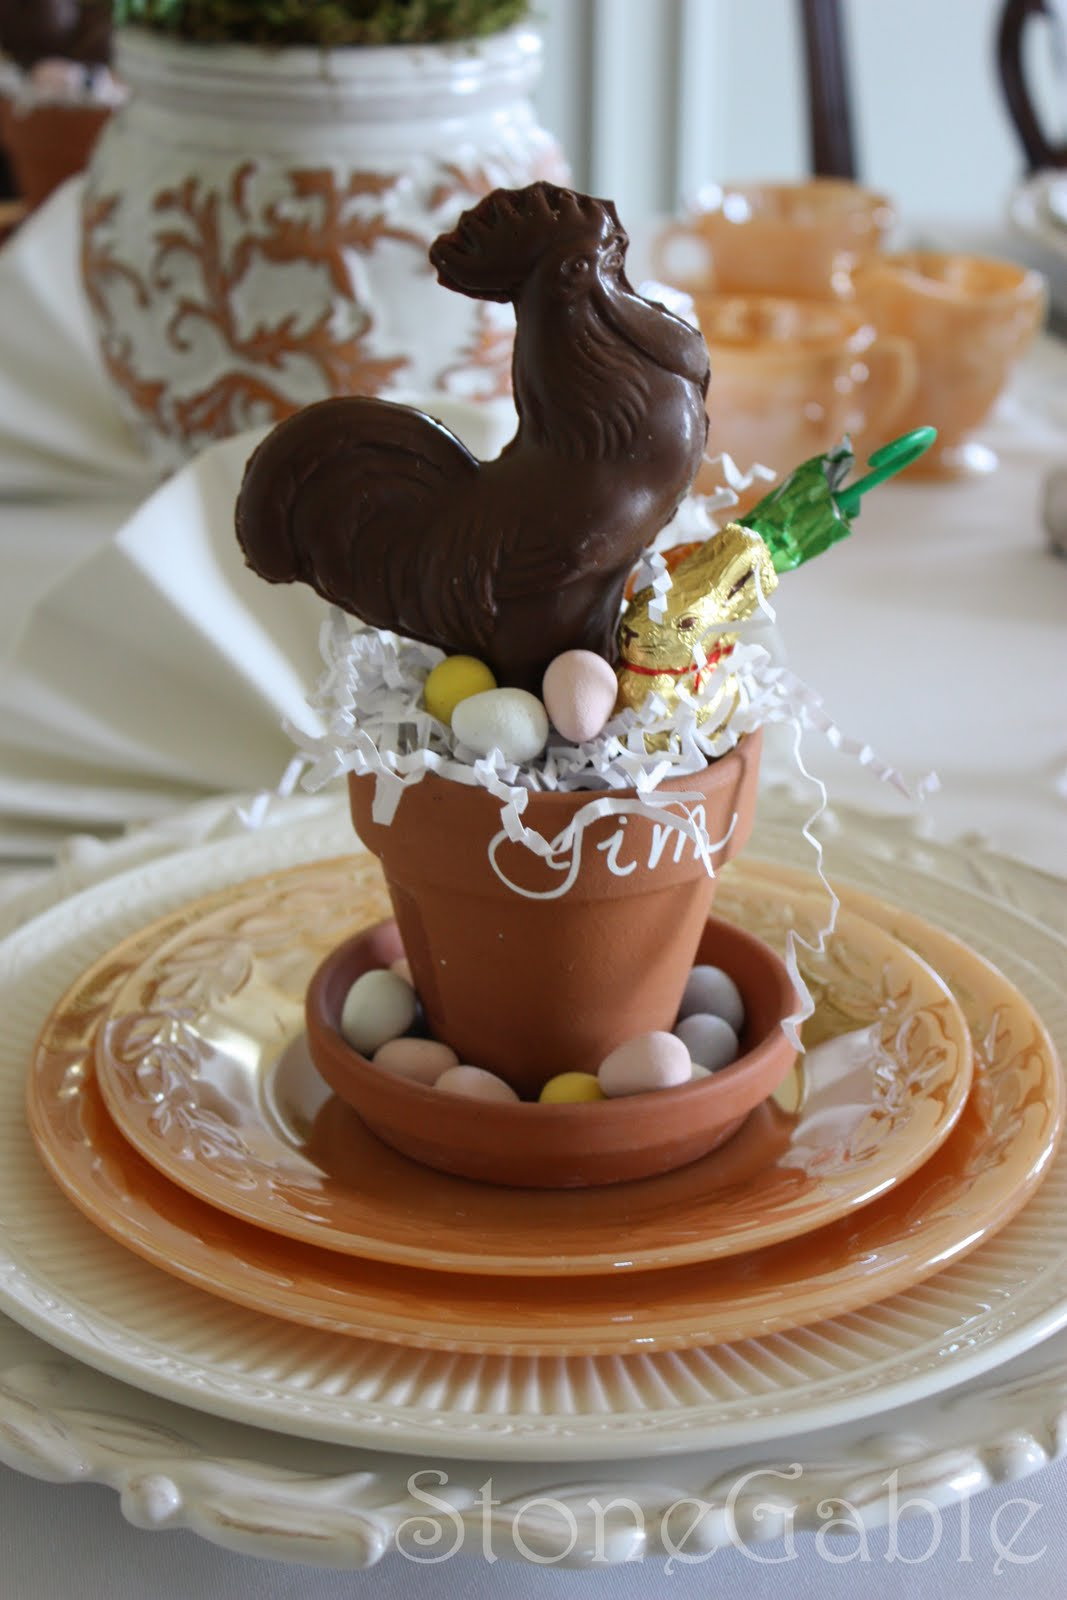 Stonegable Easter Dinner